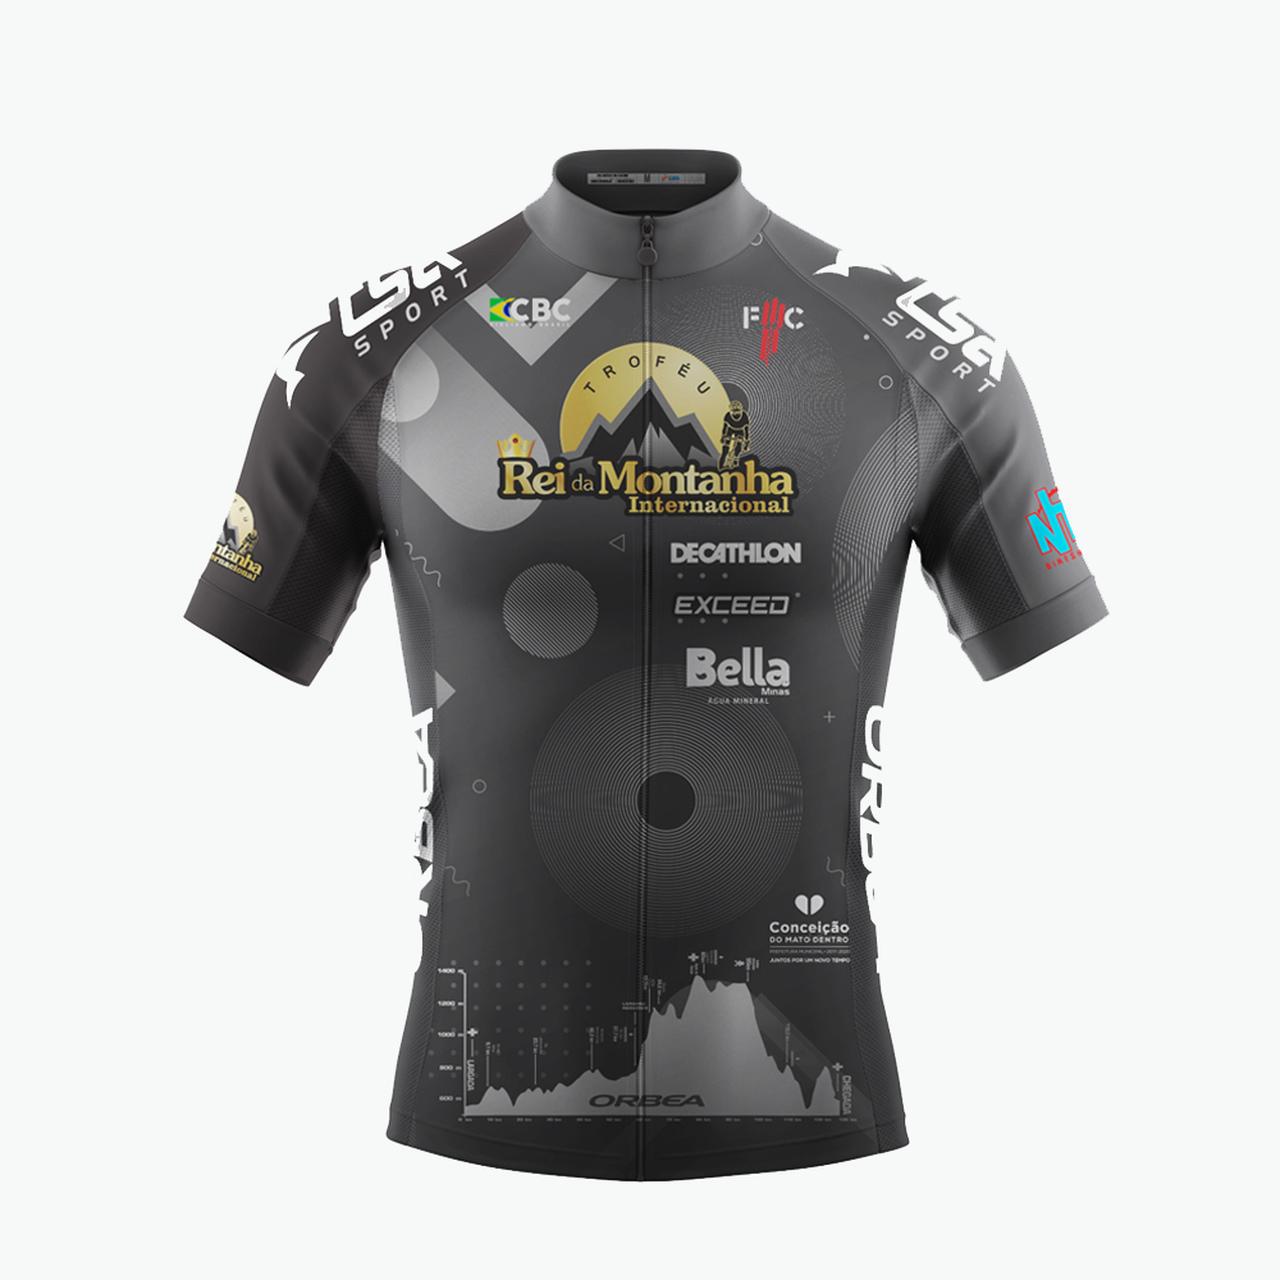 Camisa Personalizada Rei da Montanha  - Mostruário CSA Sport